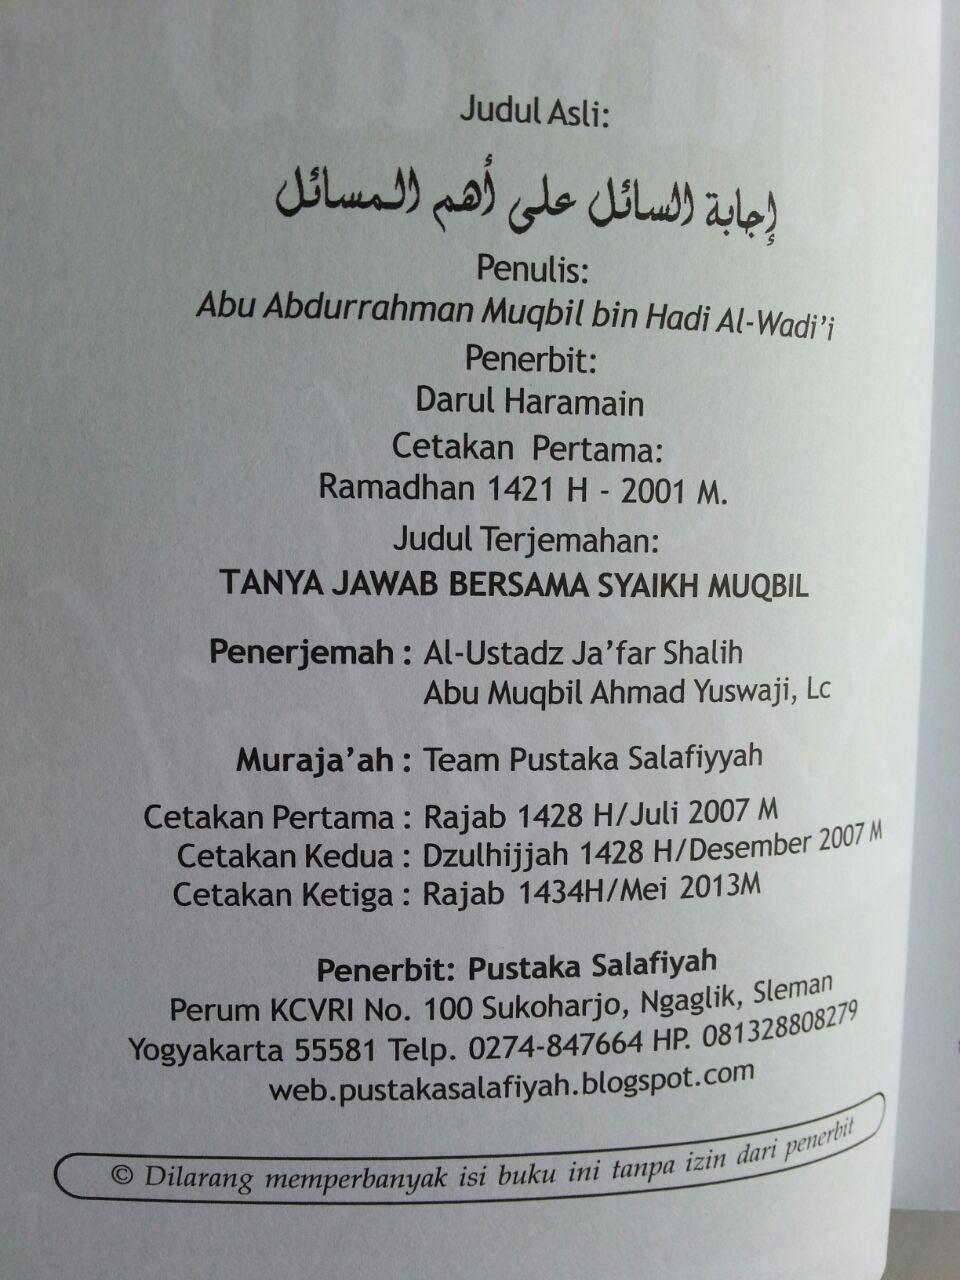 Buku Tanya Jawab Bersama Syaikh Muqbil Set 2 Jilid isi 2